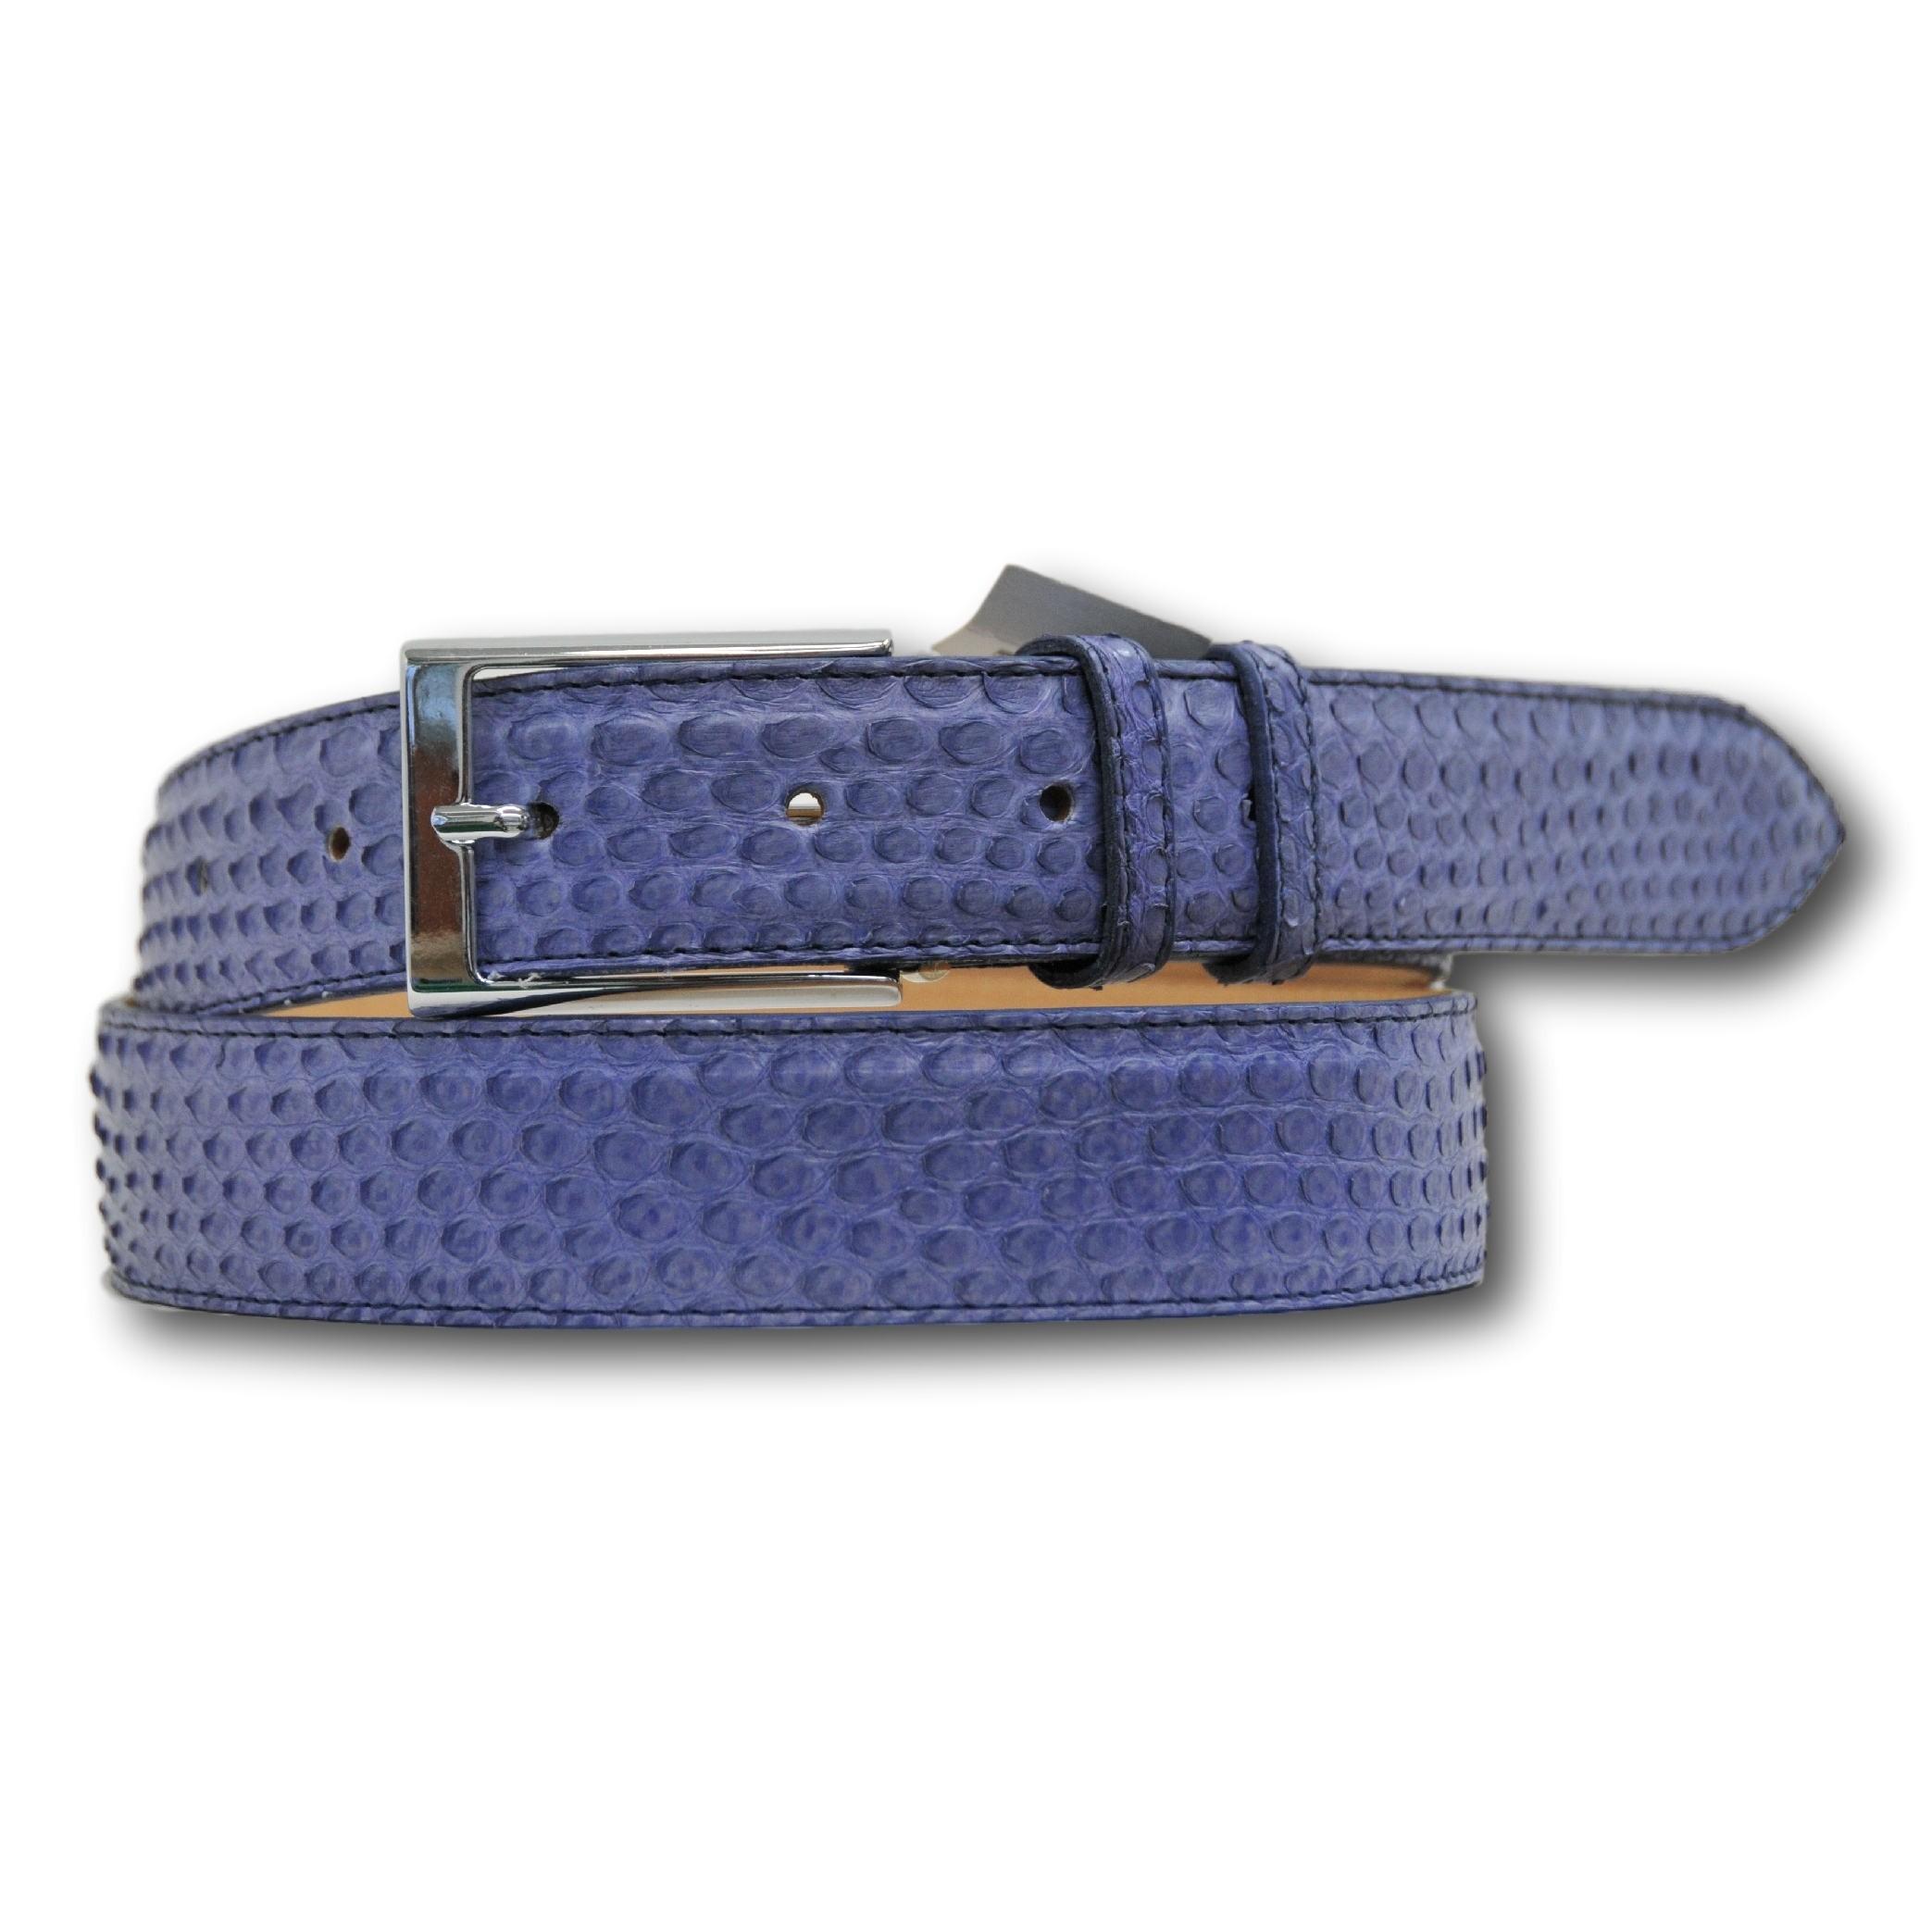 Cintura in vero pitone colore glicine